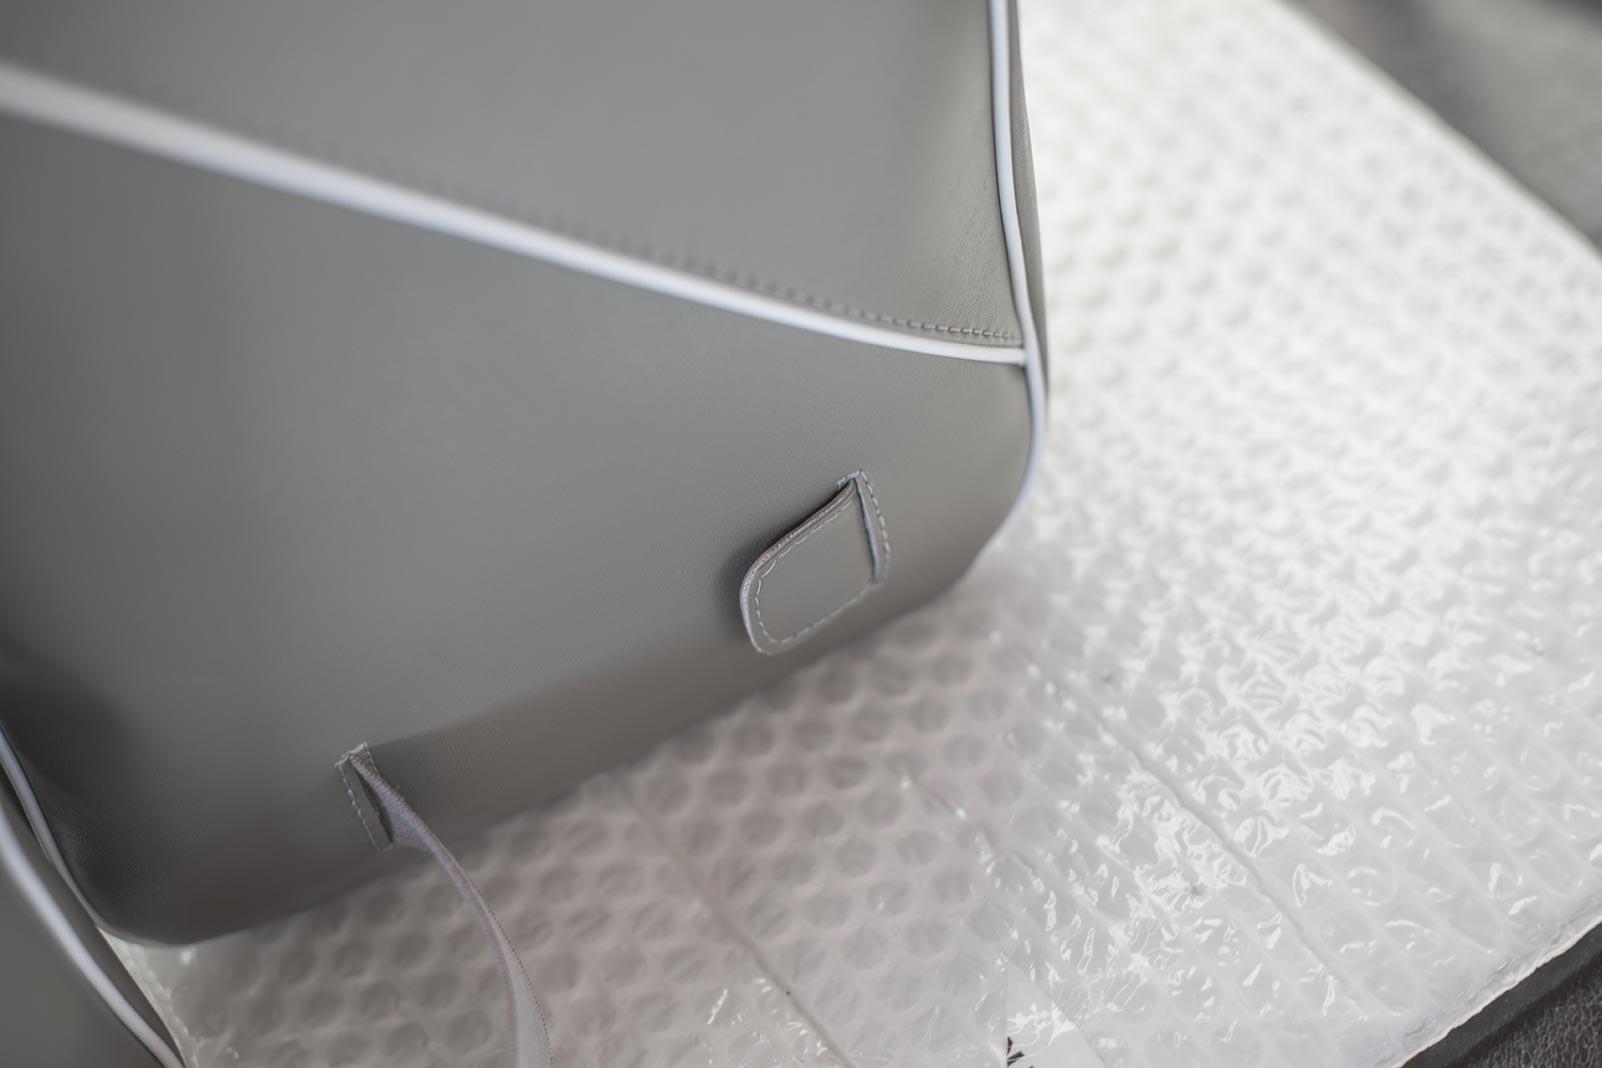 borse-scudo-dettaglio-tasca-fissaggio